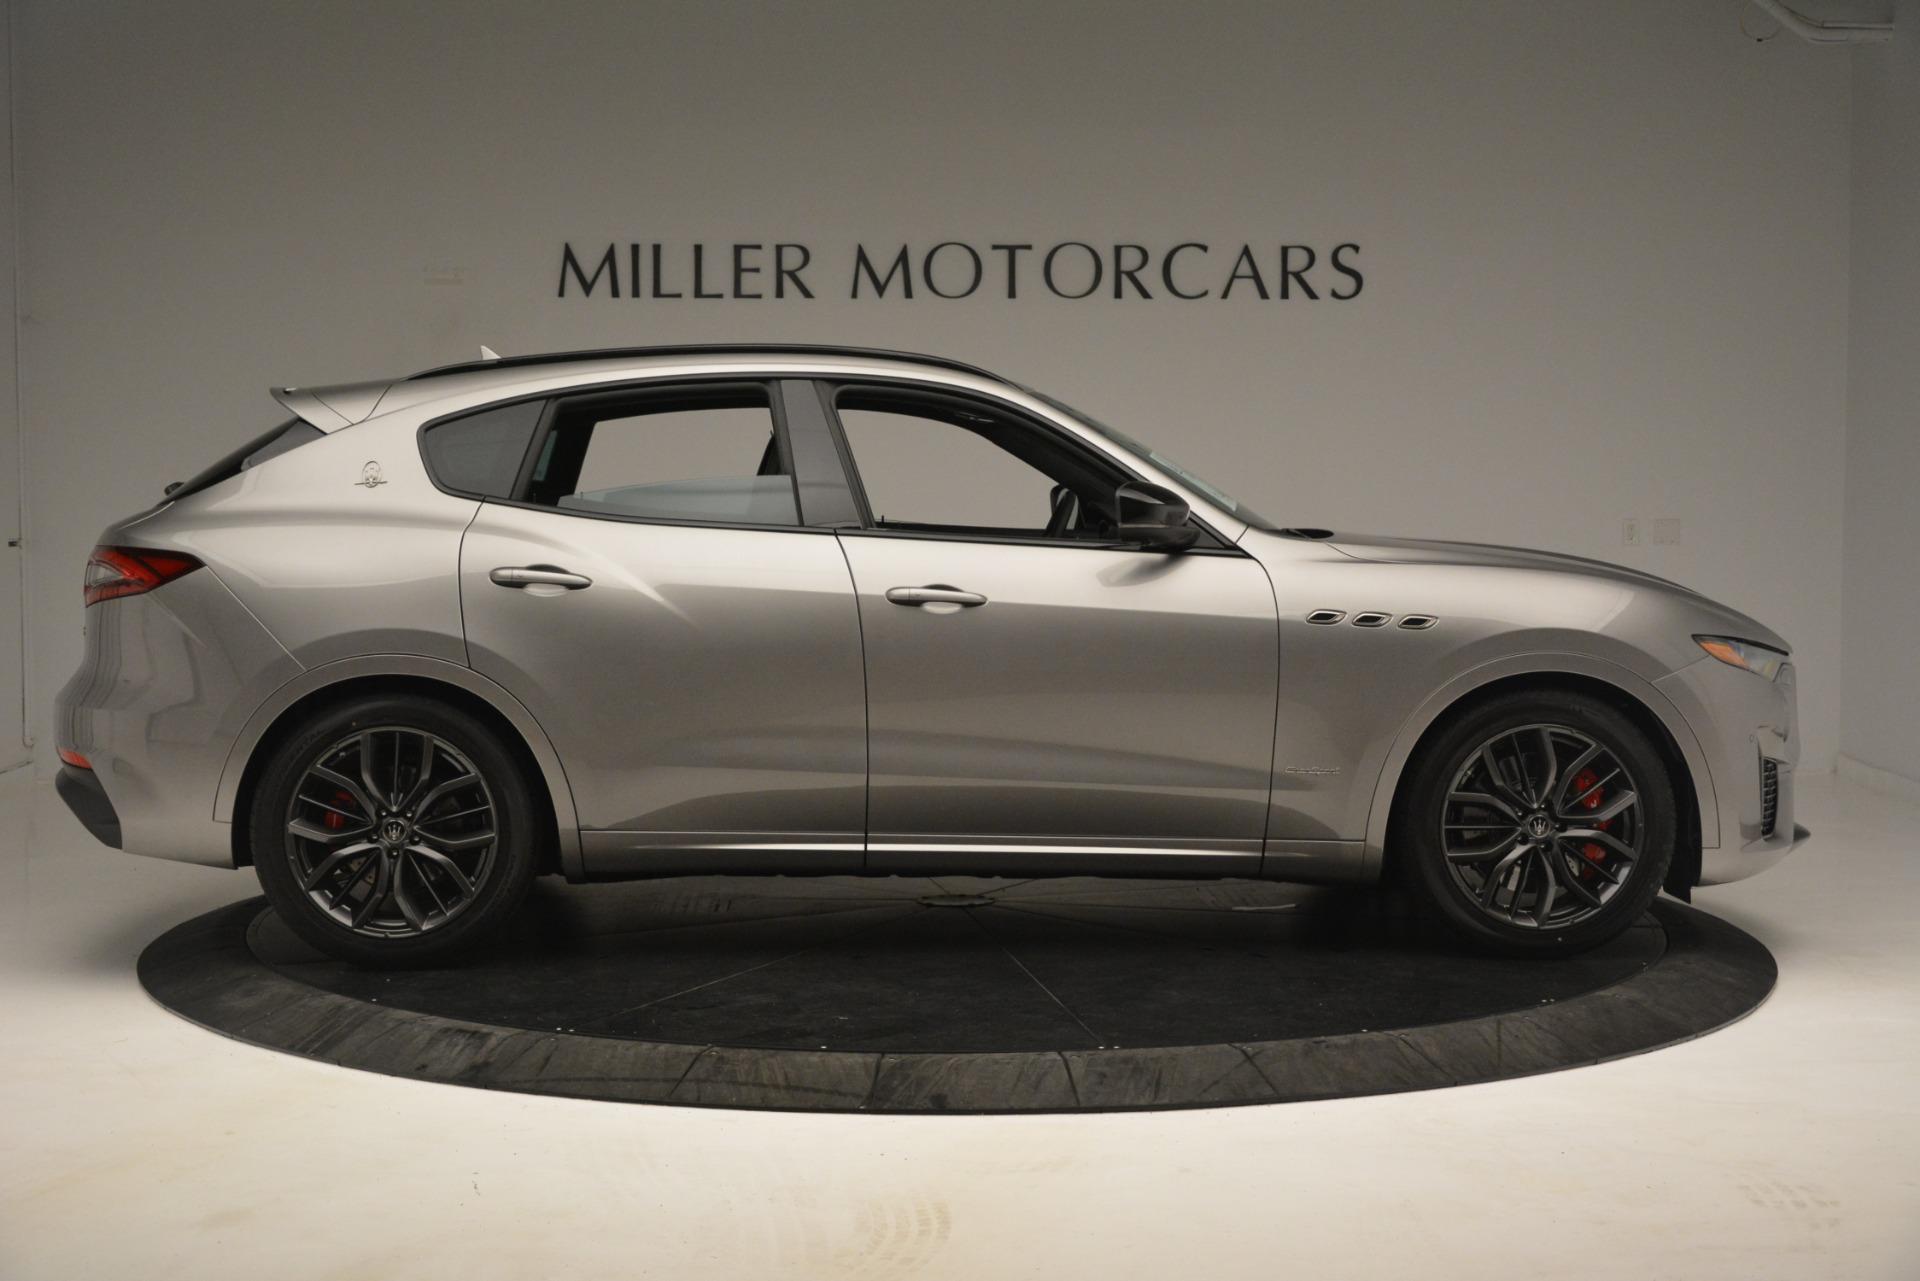 New 2019 Maserati Levante SQ4 GranSport Nerissimo For Sale In Greenwich, CT. Alfa Romeo of Greenwich, M2306 3177_p9